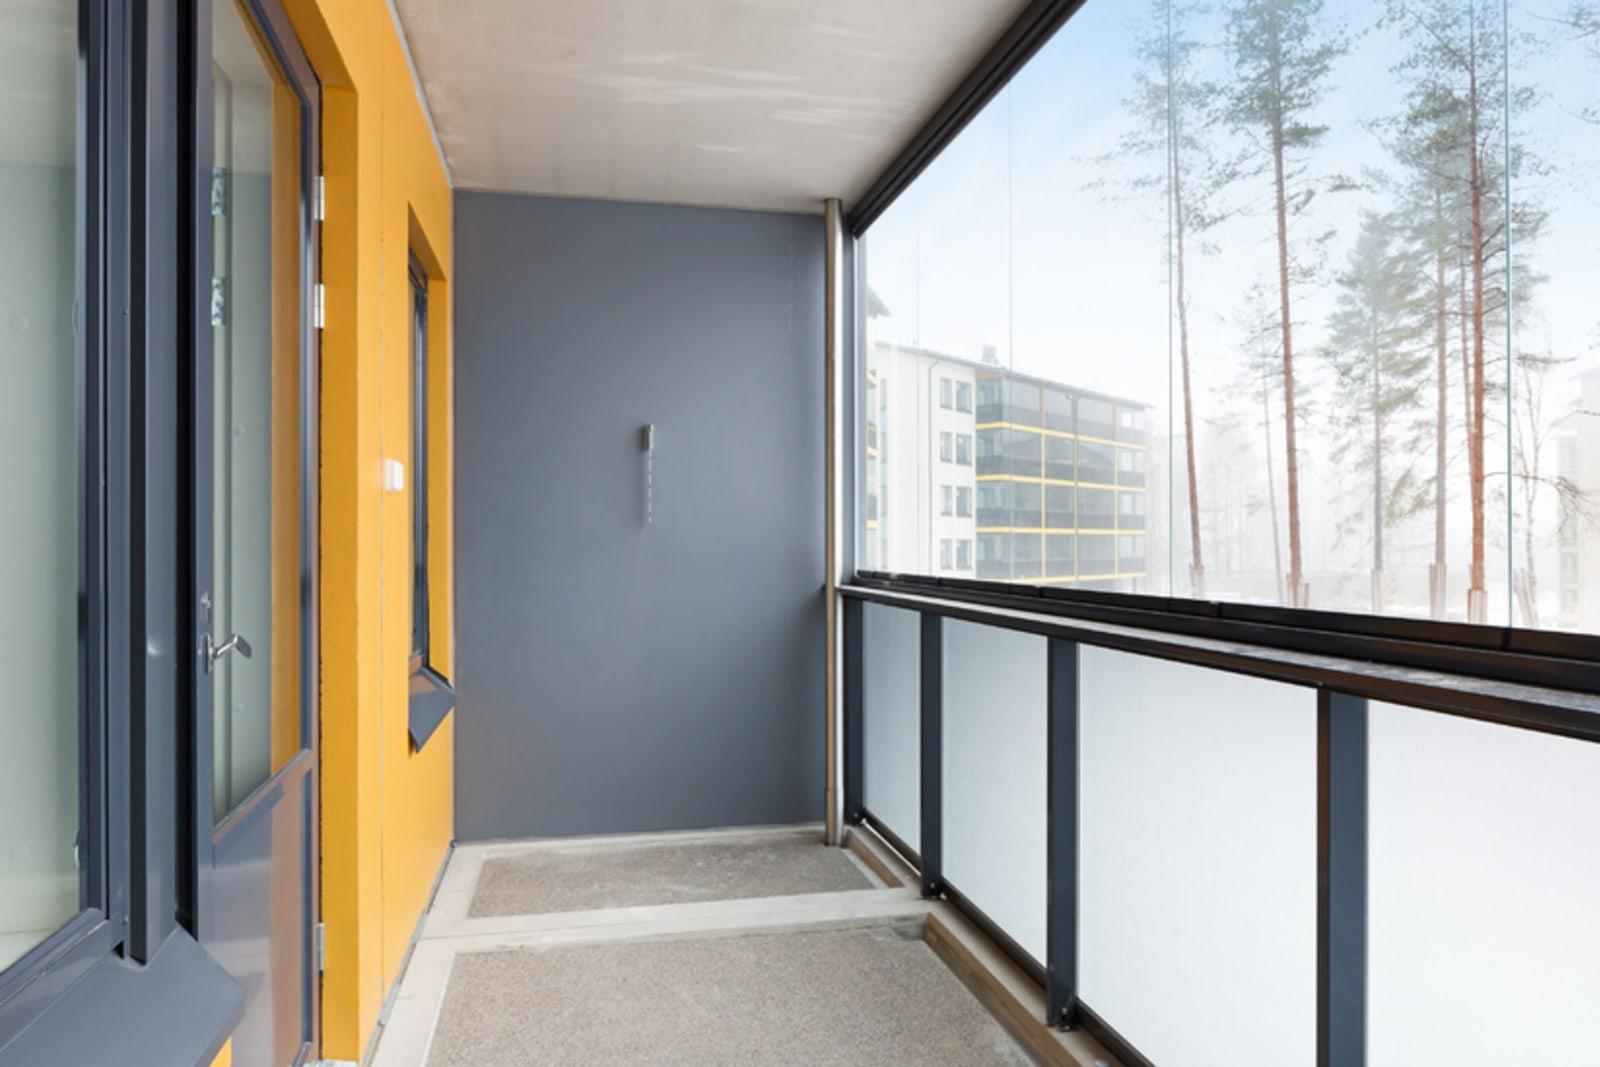 Vantaa, Rajakylä, Sompakuja 2-4 A 005